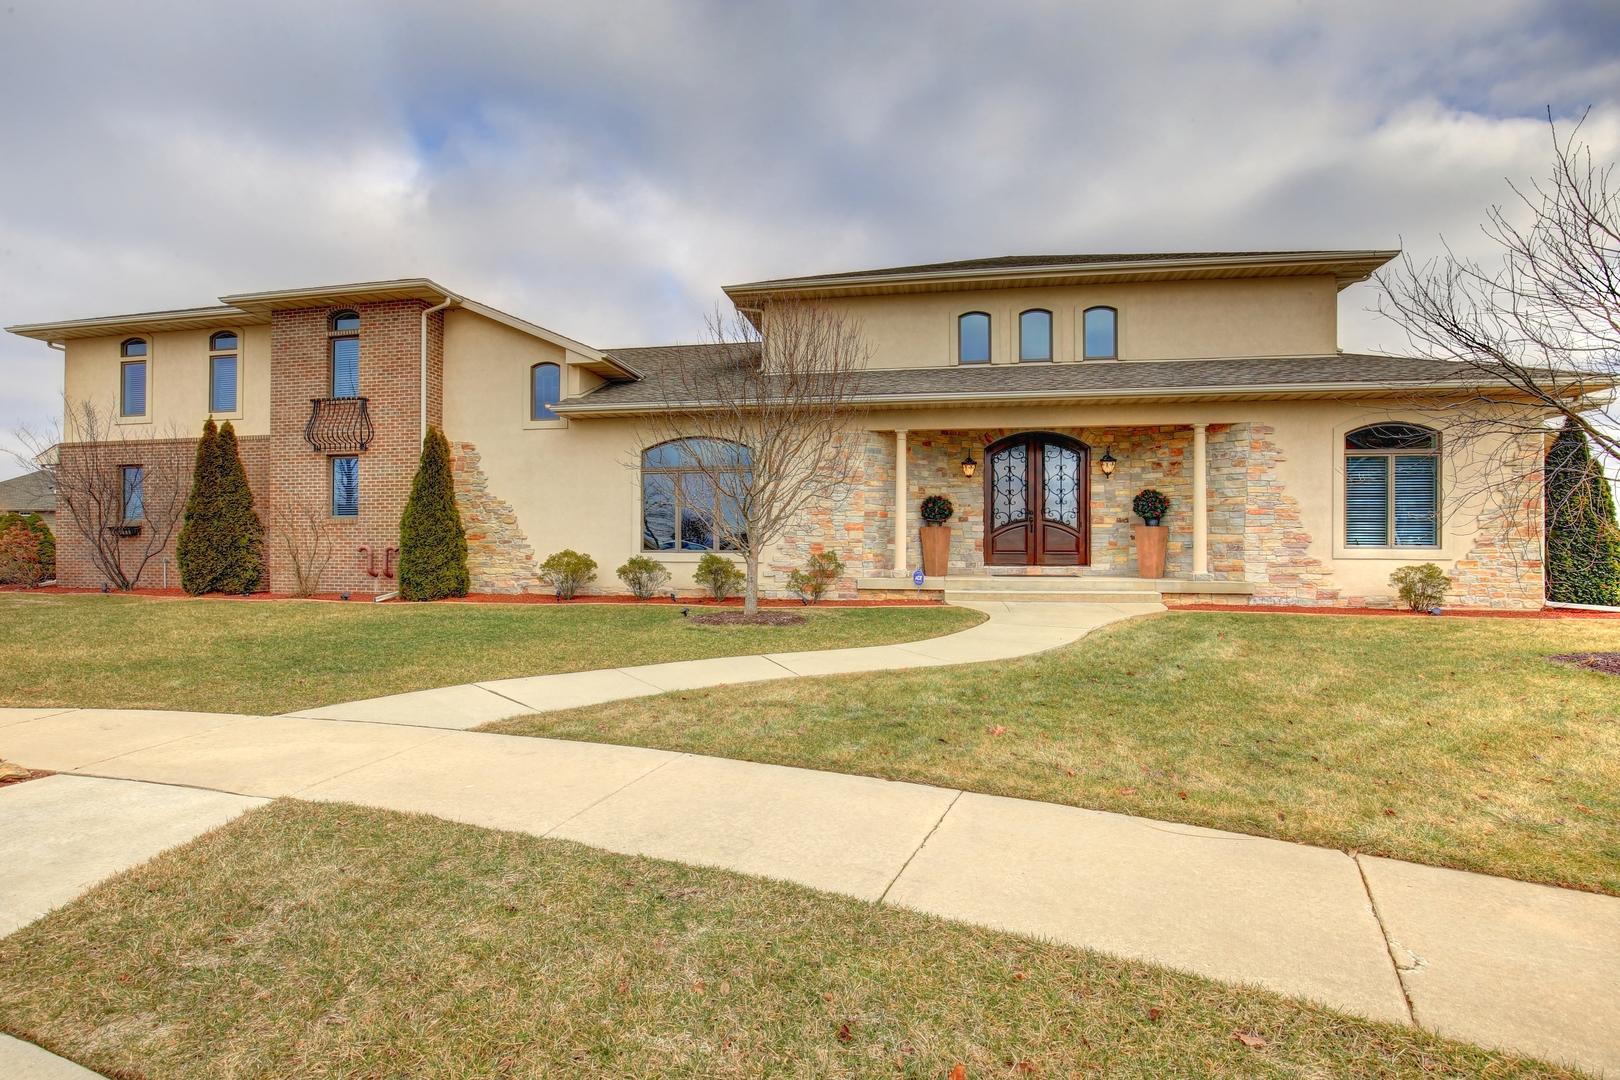 1701 Sandcherry Court, Champaign in Champaign County, IL 61822 Home for Sale